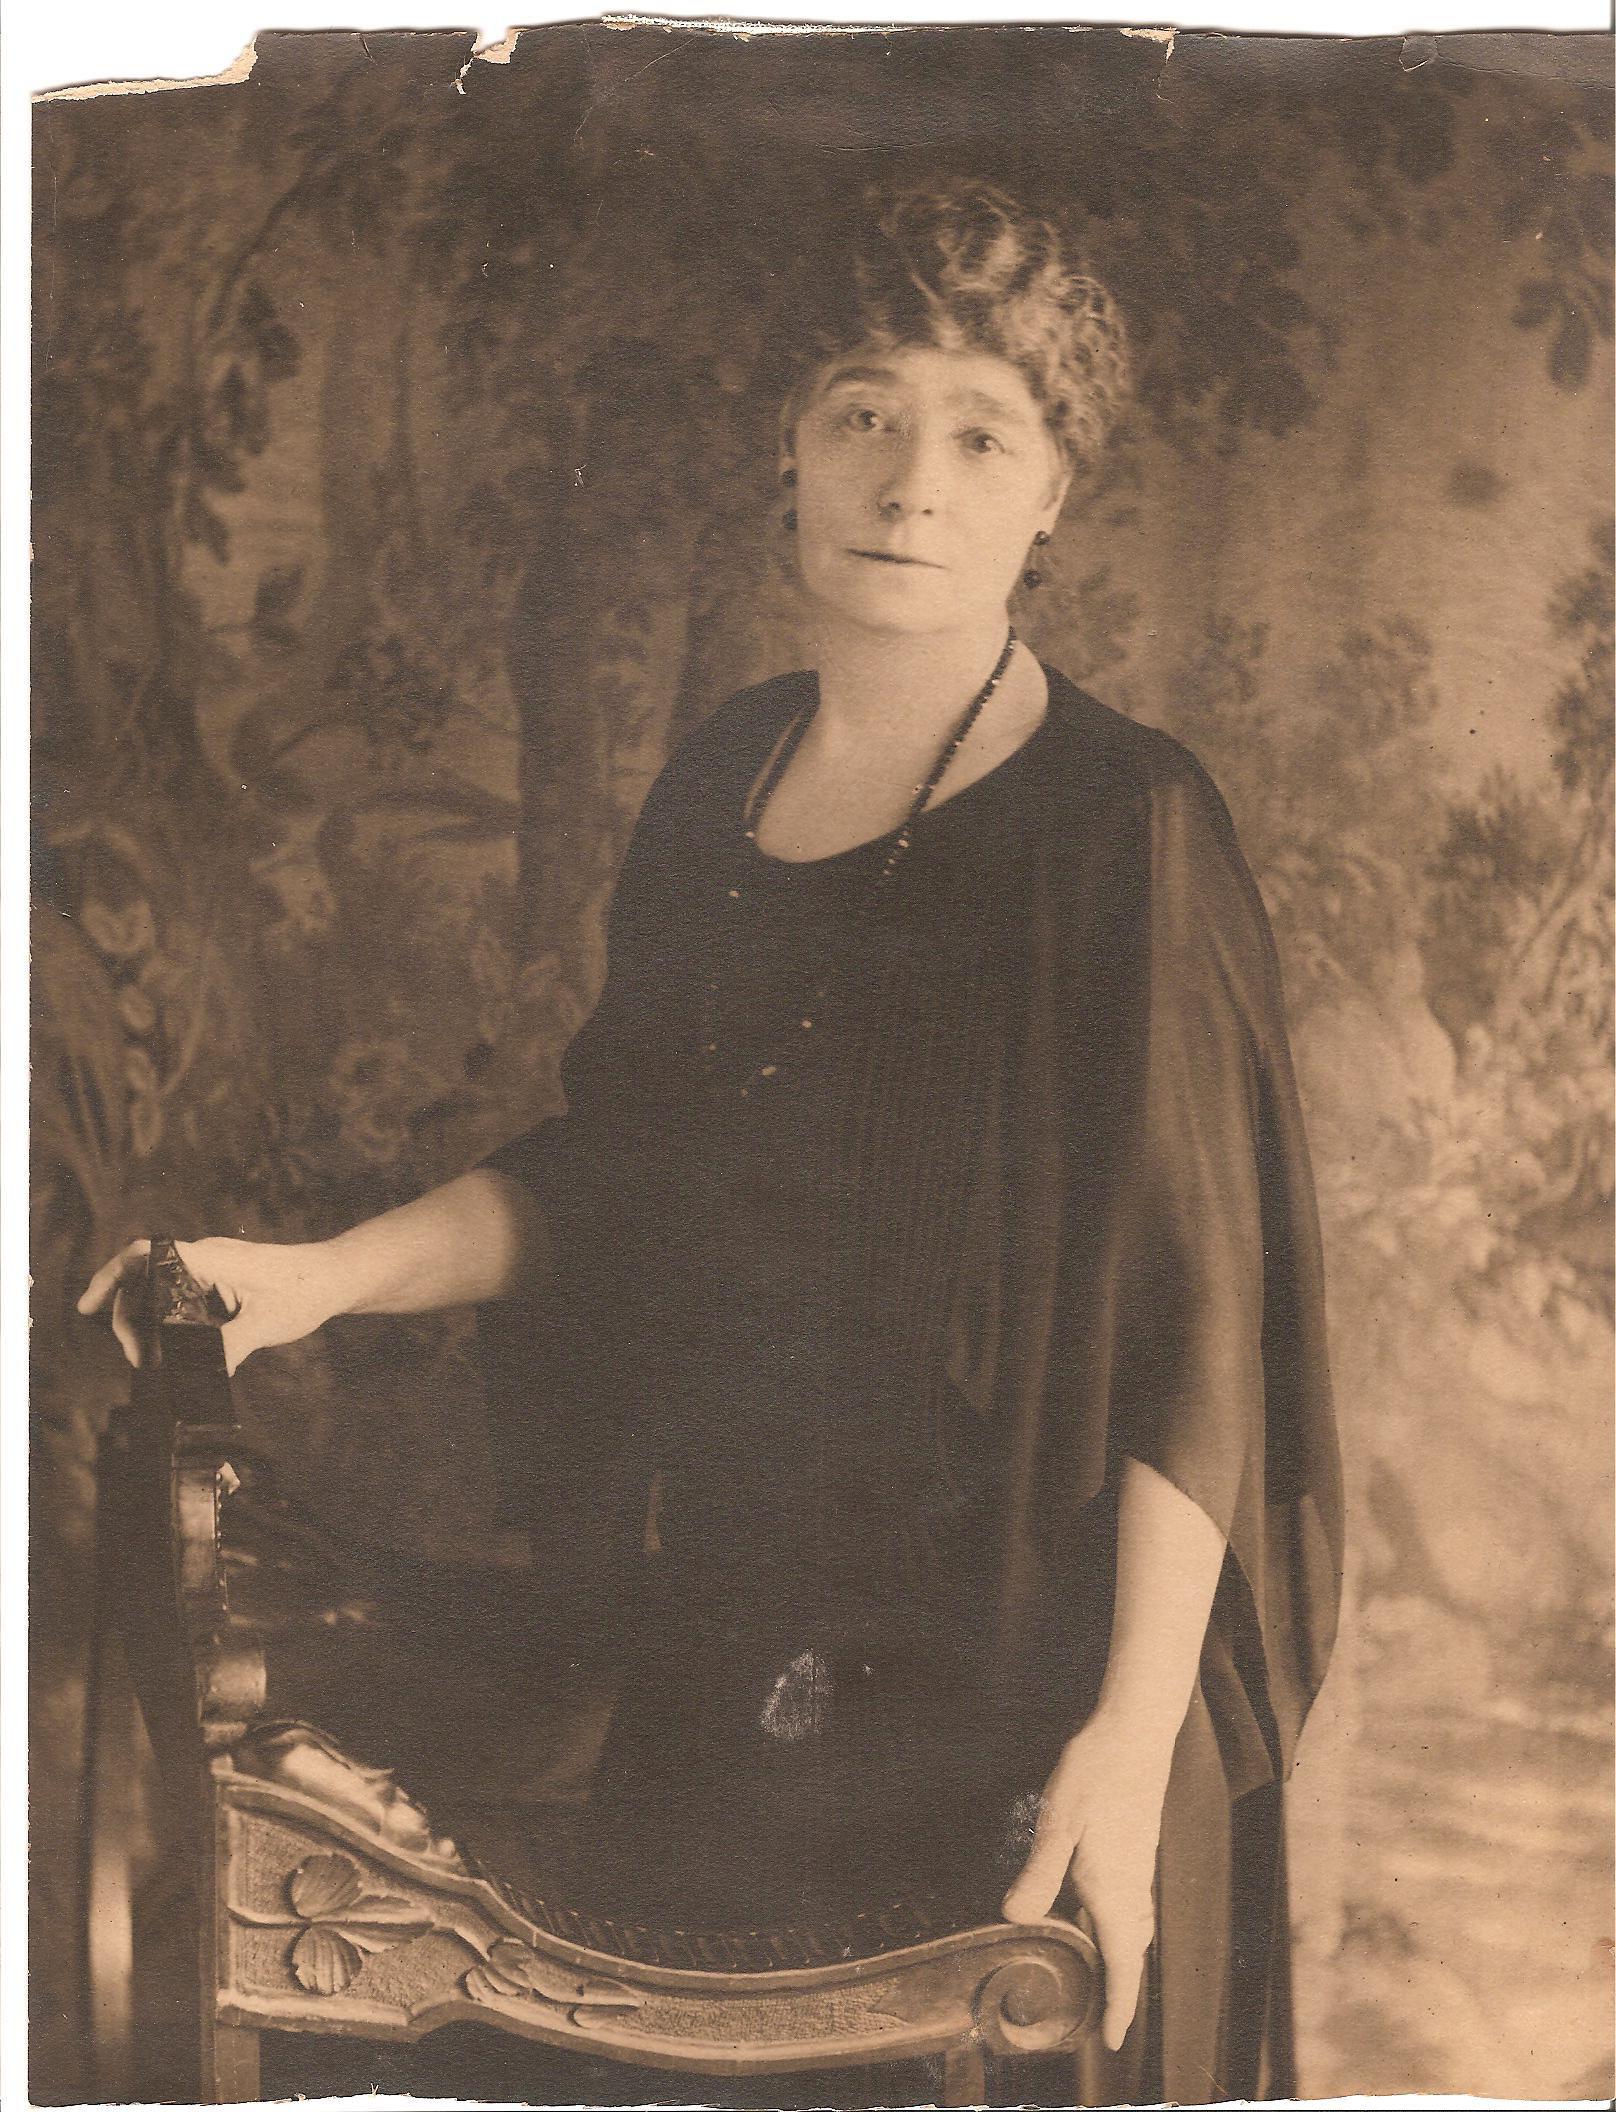 Millie Rankin